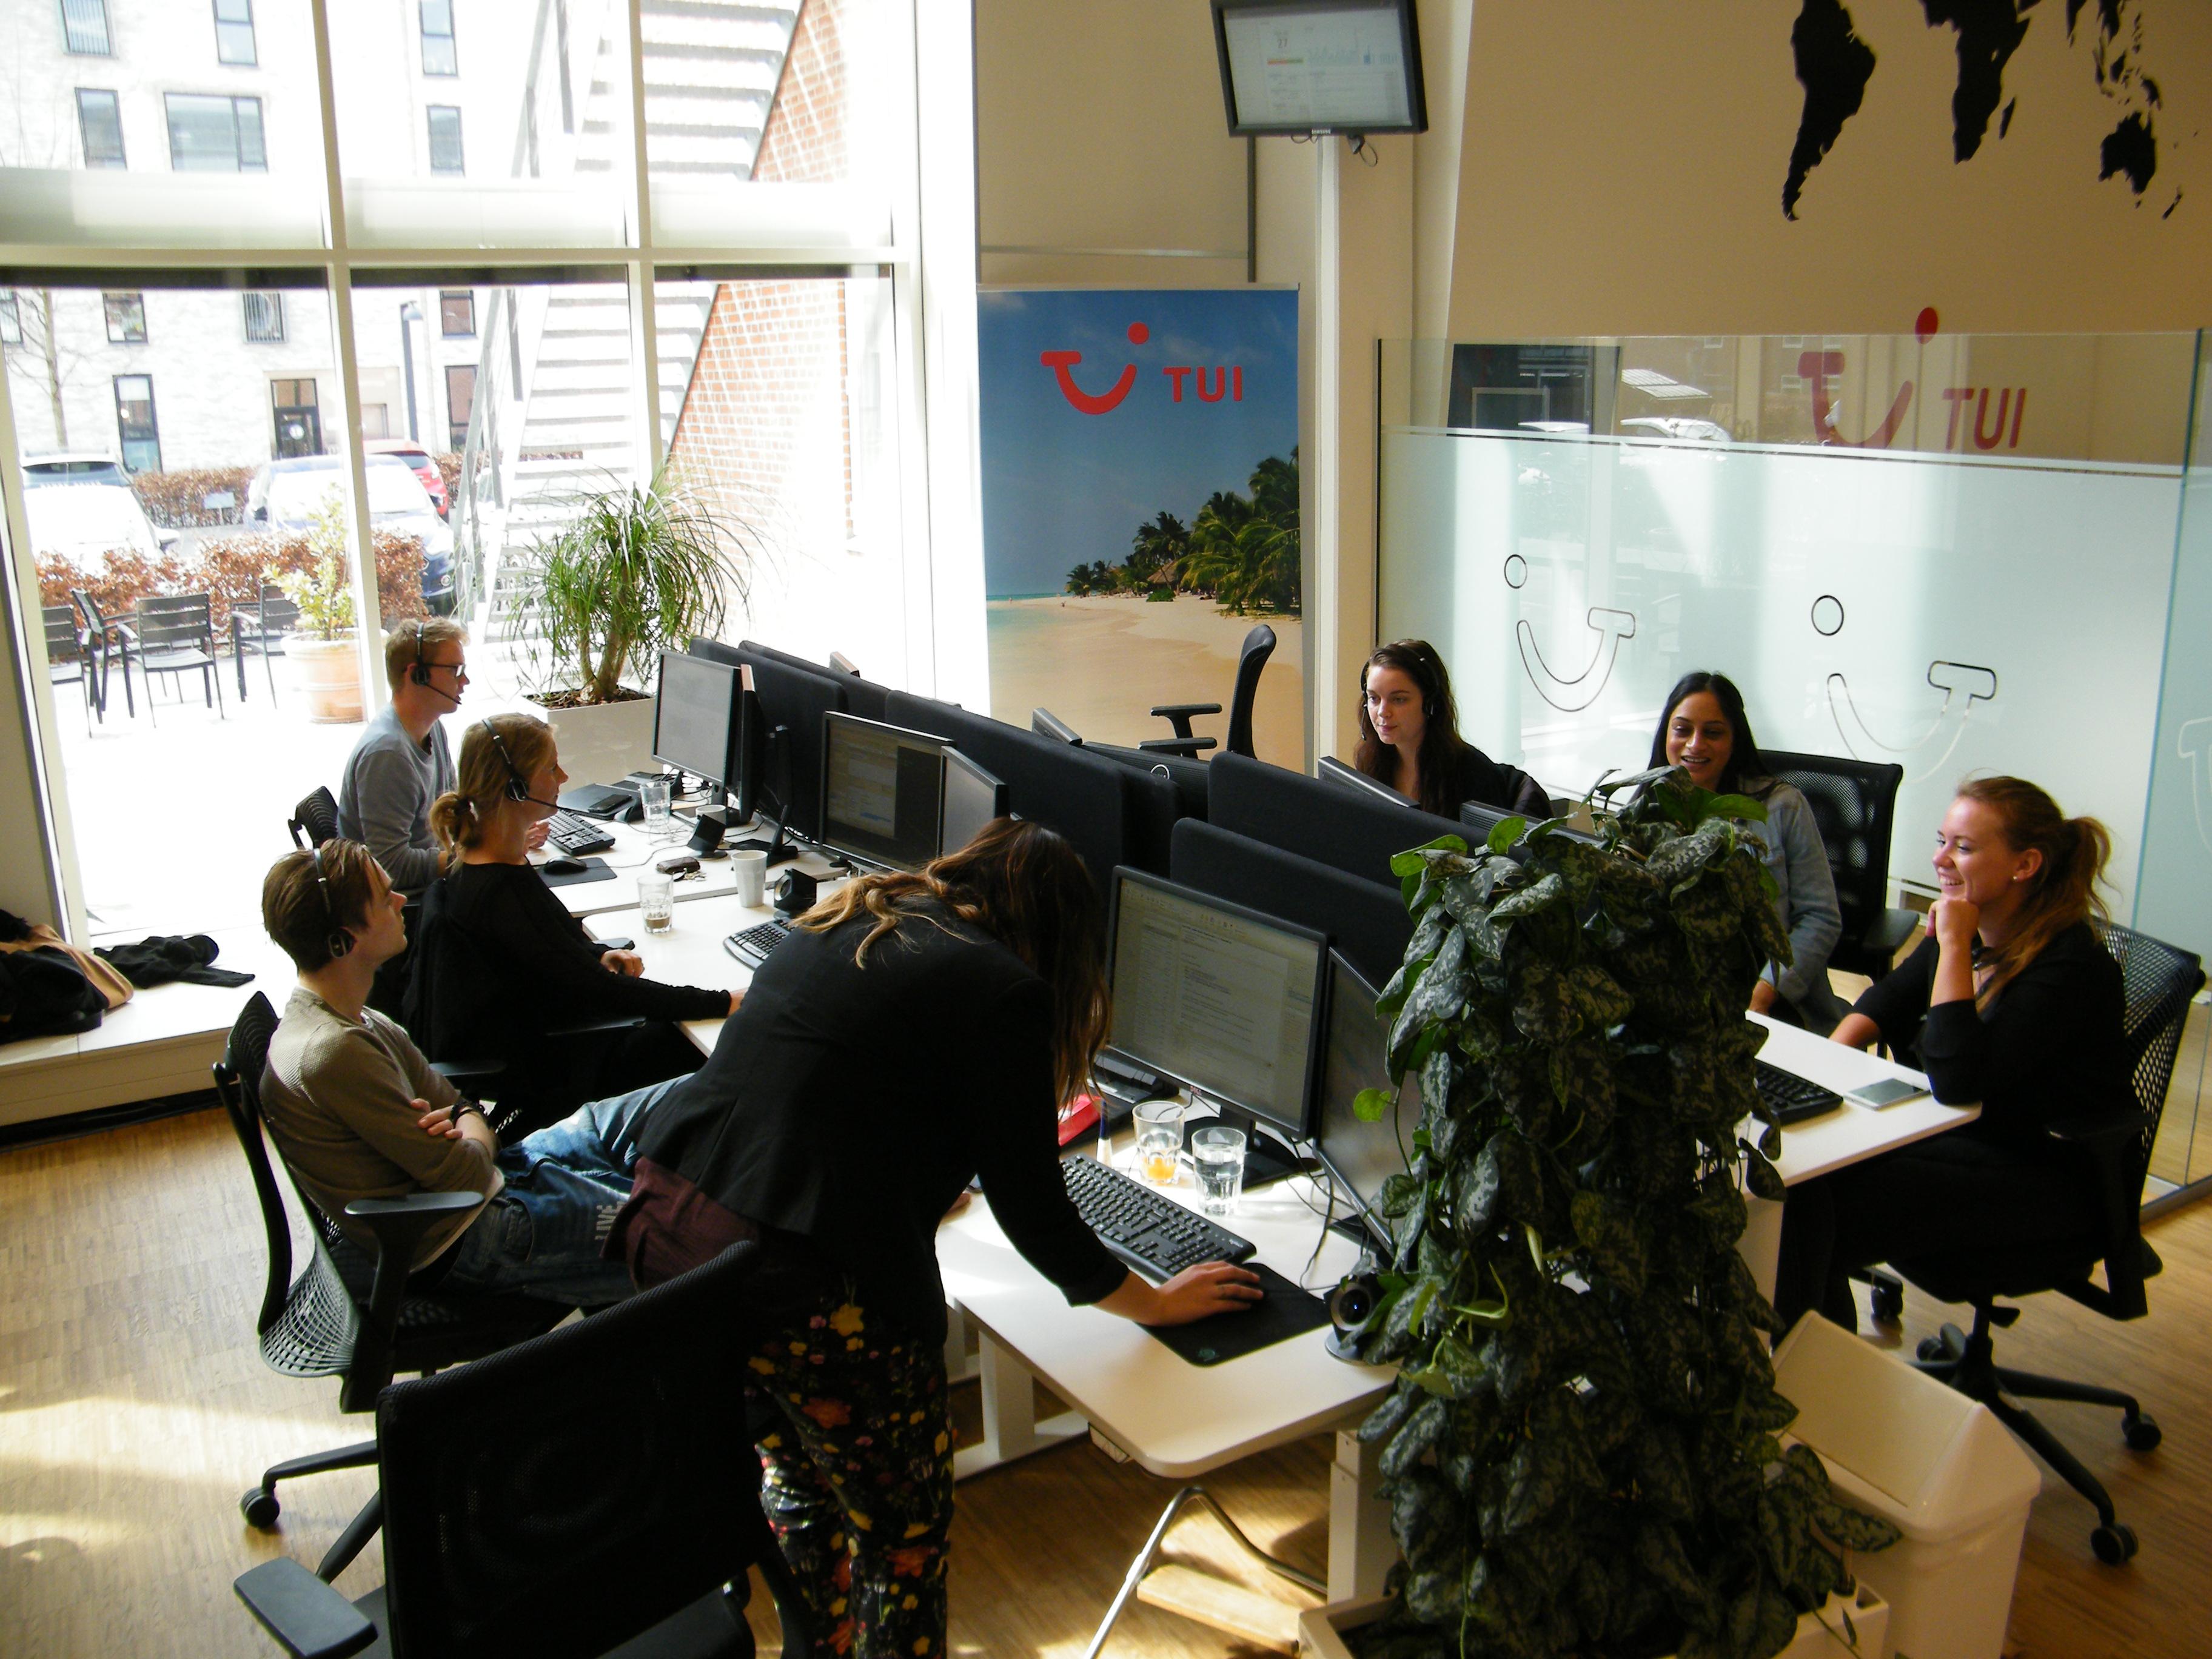 TUI Group er tilfreds med sit seneste årsregnskab. Her et kig ind i TUI's danske hovedkontor i Valby ved København. Foto: Henrik Baumgarten.